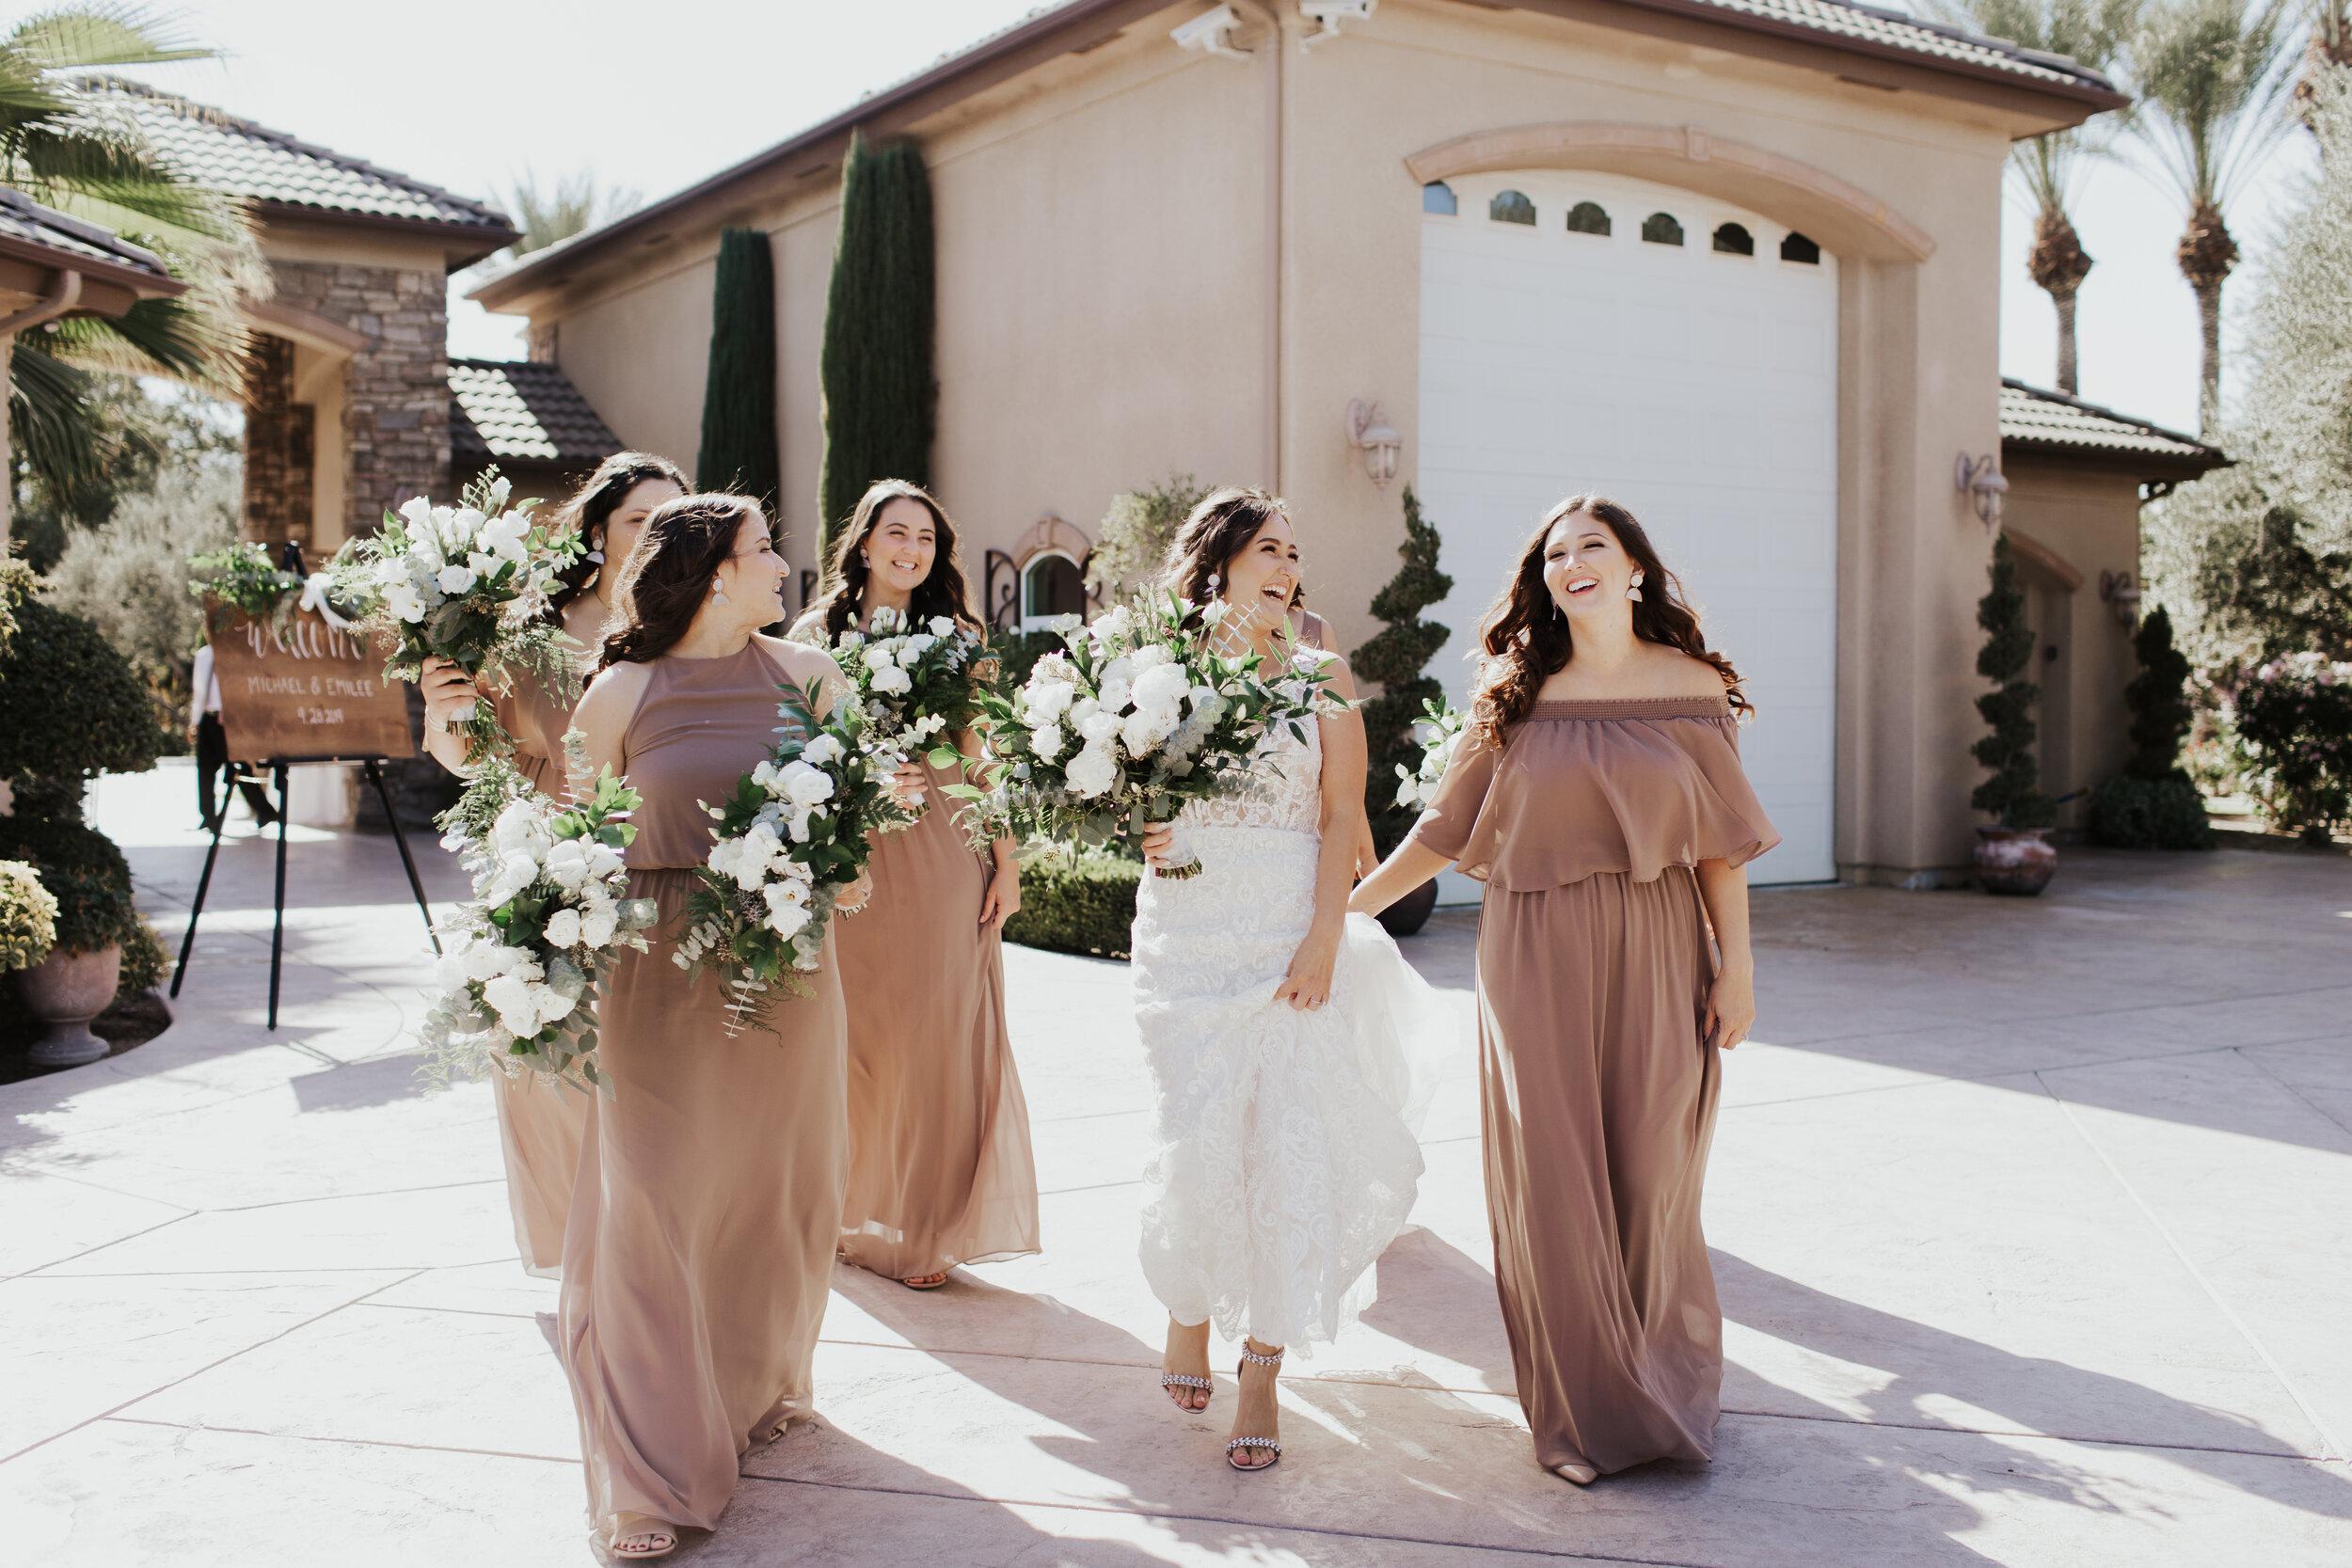 Emilee-Michael-Wedding-Tuscan-Gardens-Kingsburg-Central-Valley-California-SNEAK-PEEK-16.jpg